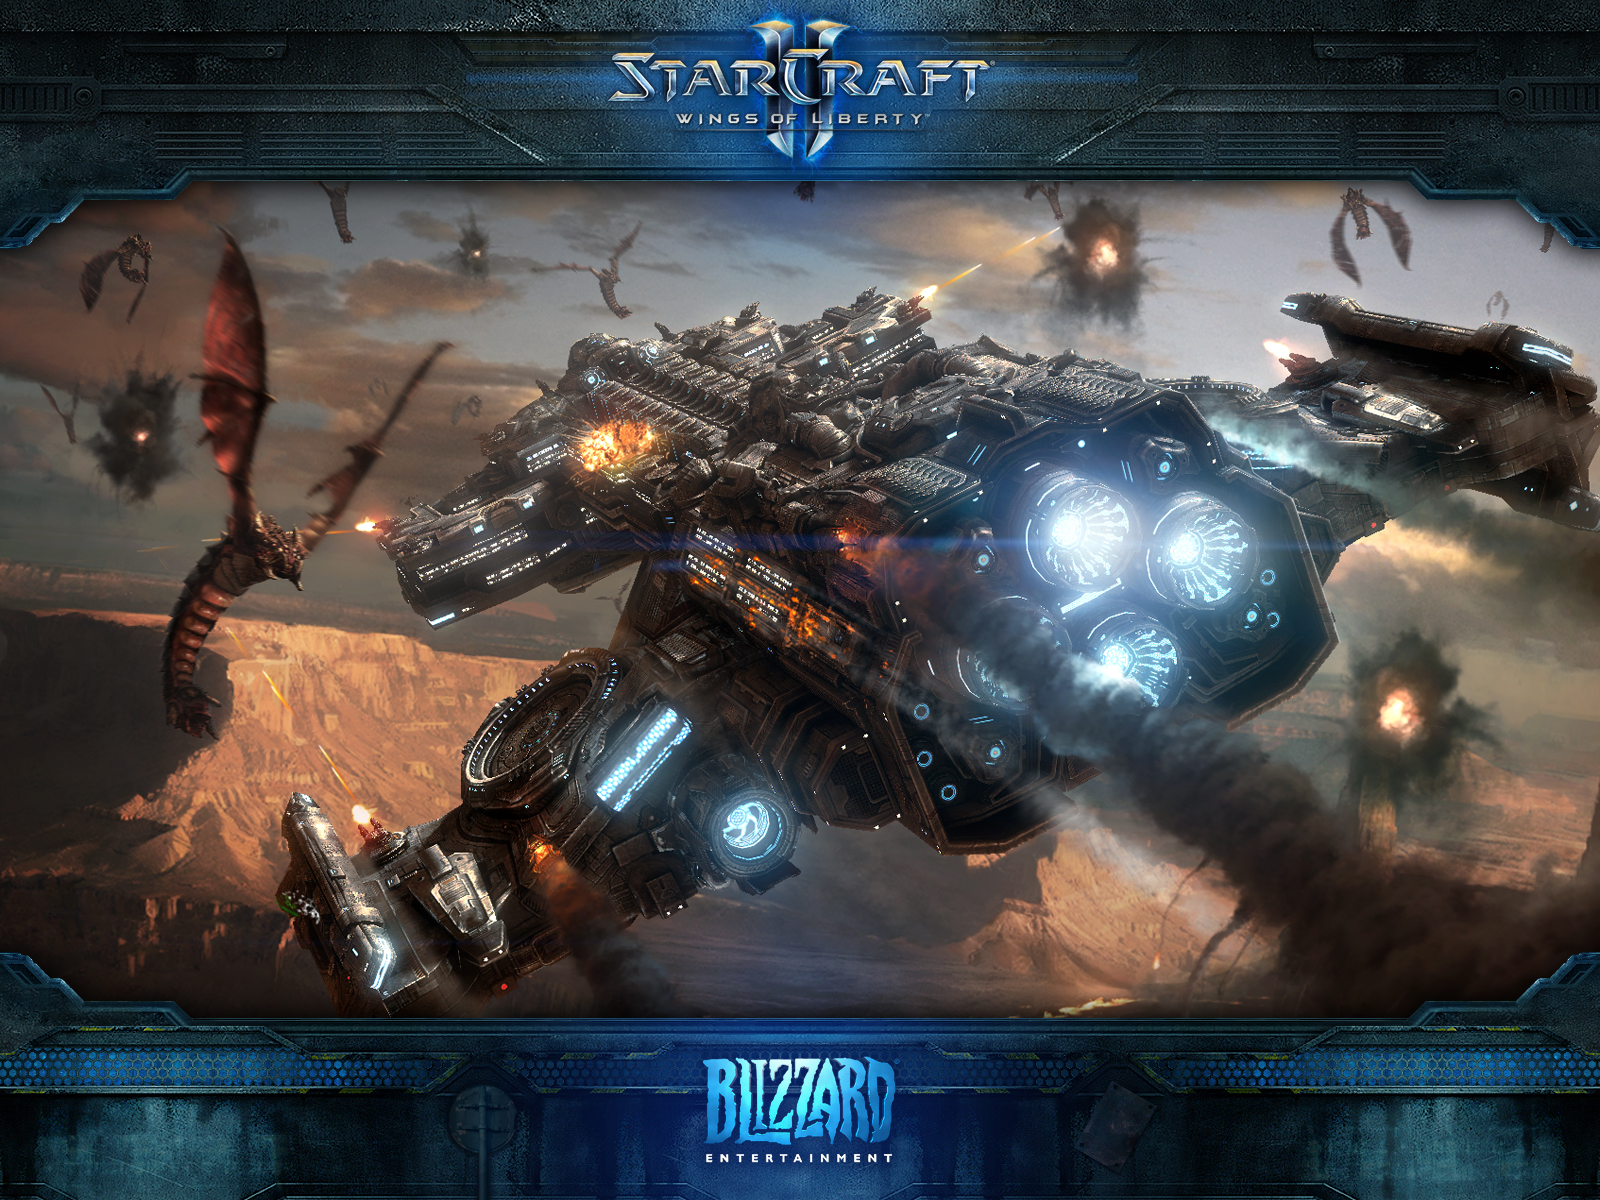 Free Wallpaper Free Game wallpaper StarCraft wallpaper